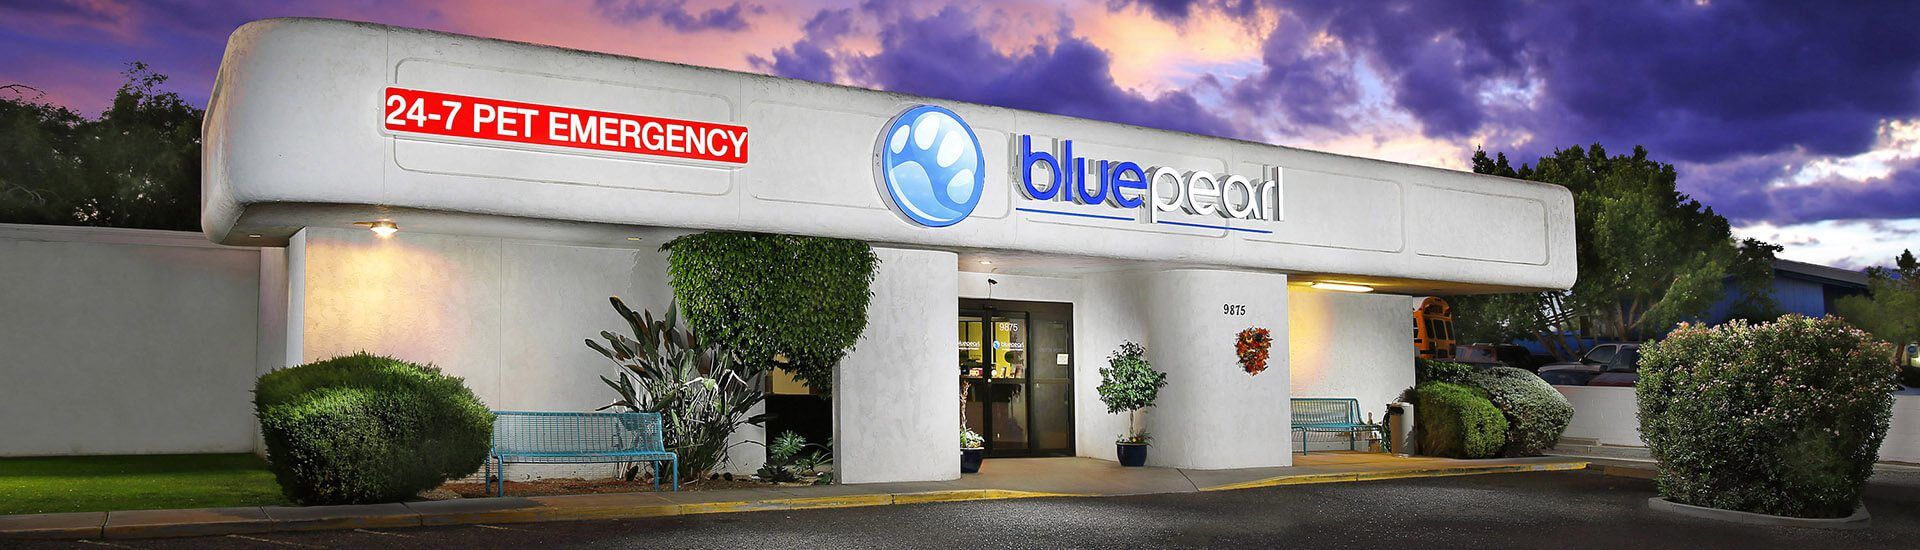 BluePearl Pet Hospital   Peoria, AZ   Emergency Vet